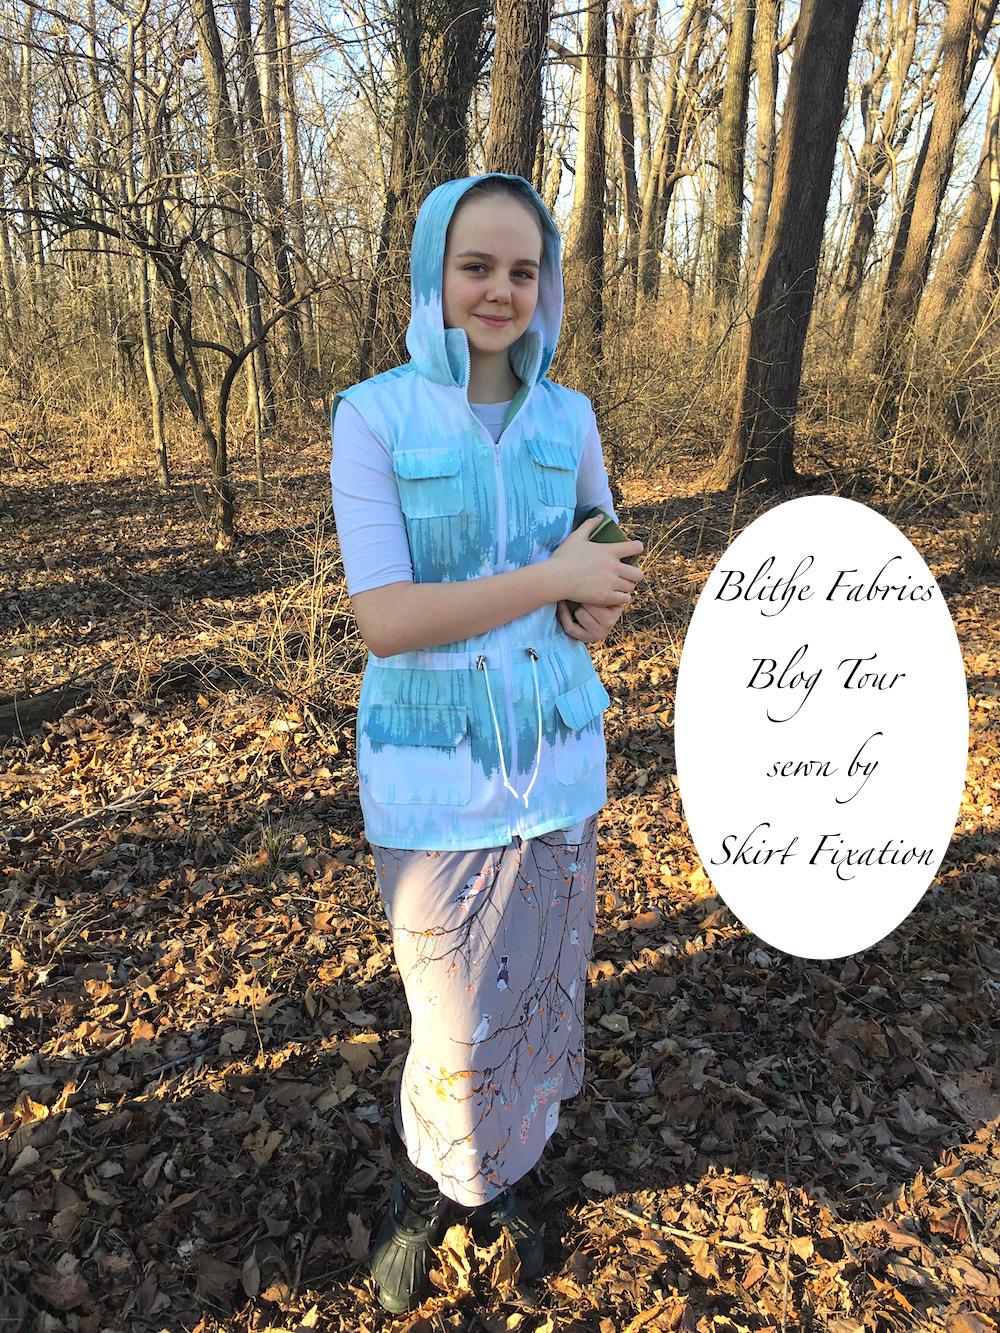 Skirt Fixation for the Blithe Blog Tour